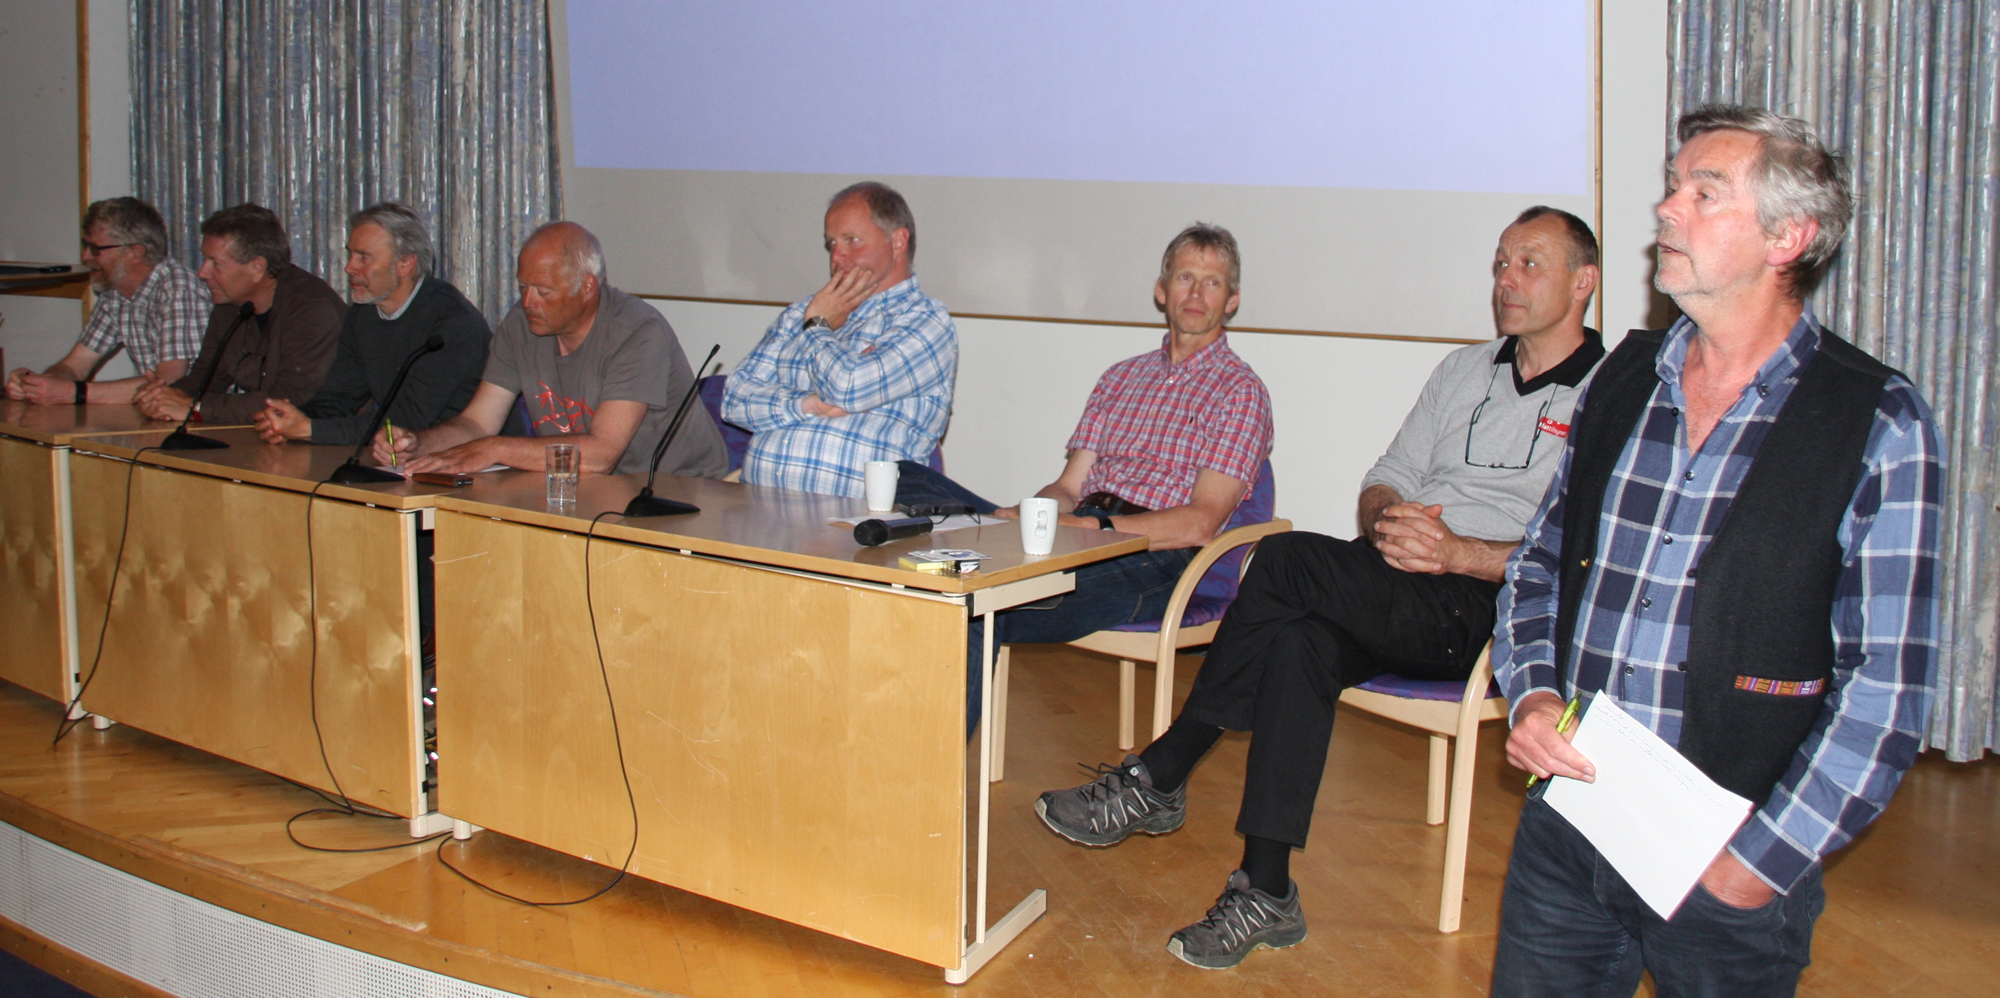 De fleste av innlederne ble i den avsluttende seansen på fagdagen utfordret til å se inn i krystallkula og dele sine tanker om hvordan villrein-Norge ser ut om 20 år. Fra venstre LARS NESSE, Leder i Villreinnemnda for Nordfjella og Fjellheimen og sauebonde i Lærdal, JAN OLAV SOLSTAD, Kommunestyrerepresentant og leder i fjellstyret, OLAV STRAND, NINA, VEMUND JAREN, Miljødirektoratet, BJØRNAR YTREHUS, forsker NINA og medlem av VKM, ERIK LUND, Miljødirektoratet, HARALD ØVERBY, Mattilsynet og ordstyrer/provokaTOR PUNSVIK, viltforvalter hos Fylkesmannen i Vest-Agder.